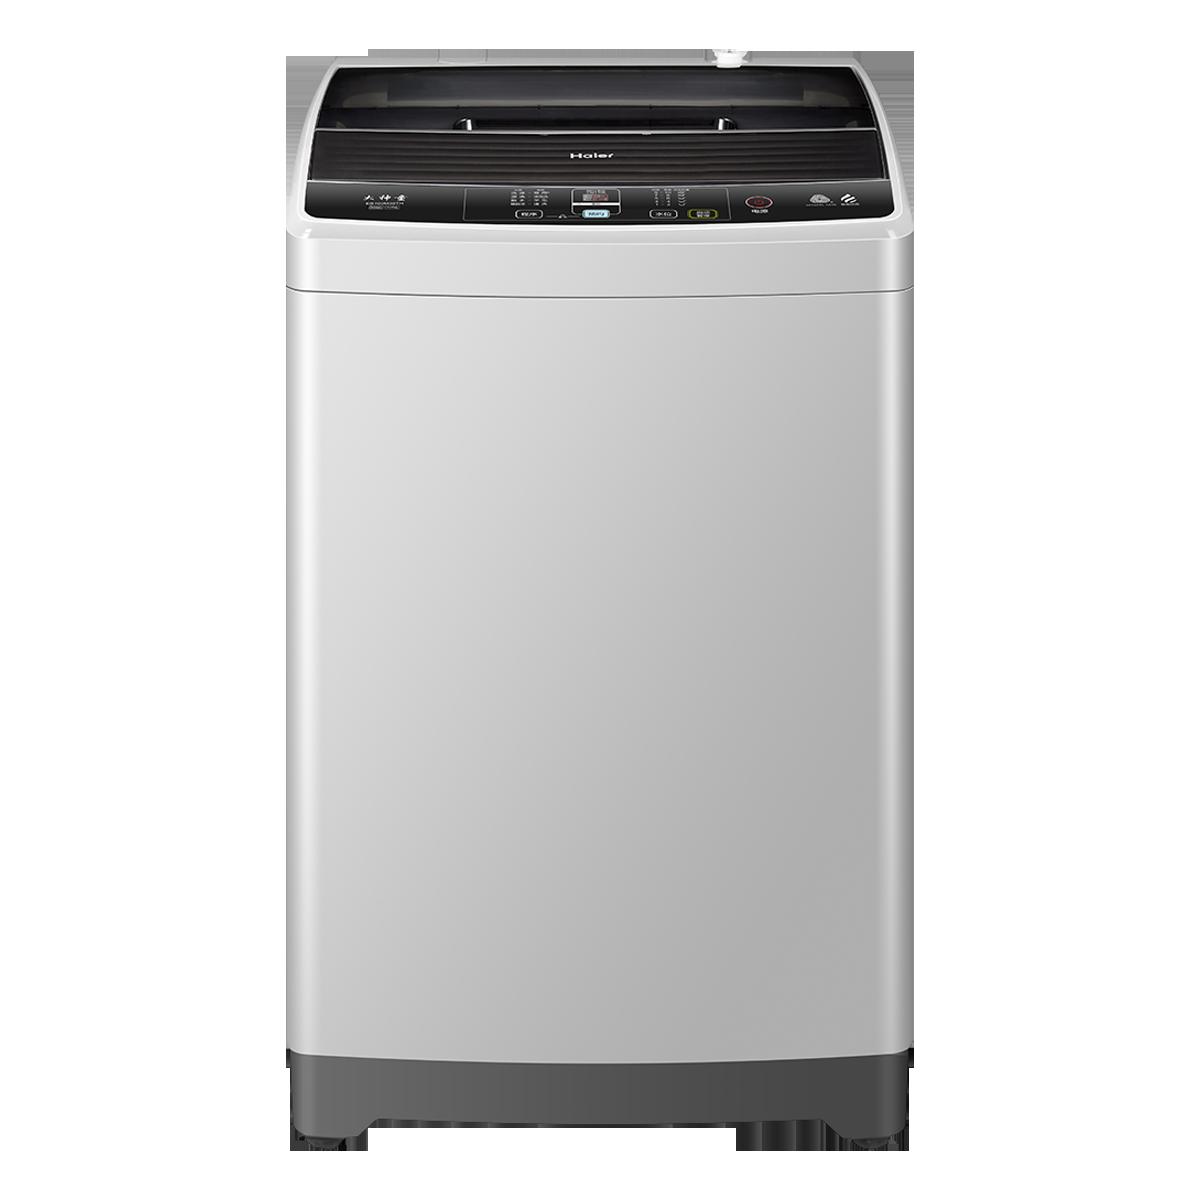 海尔Haier洗衣机 EB100M39TH 说明书